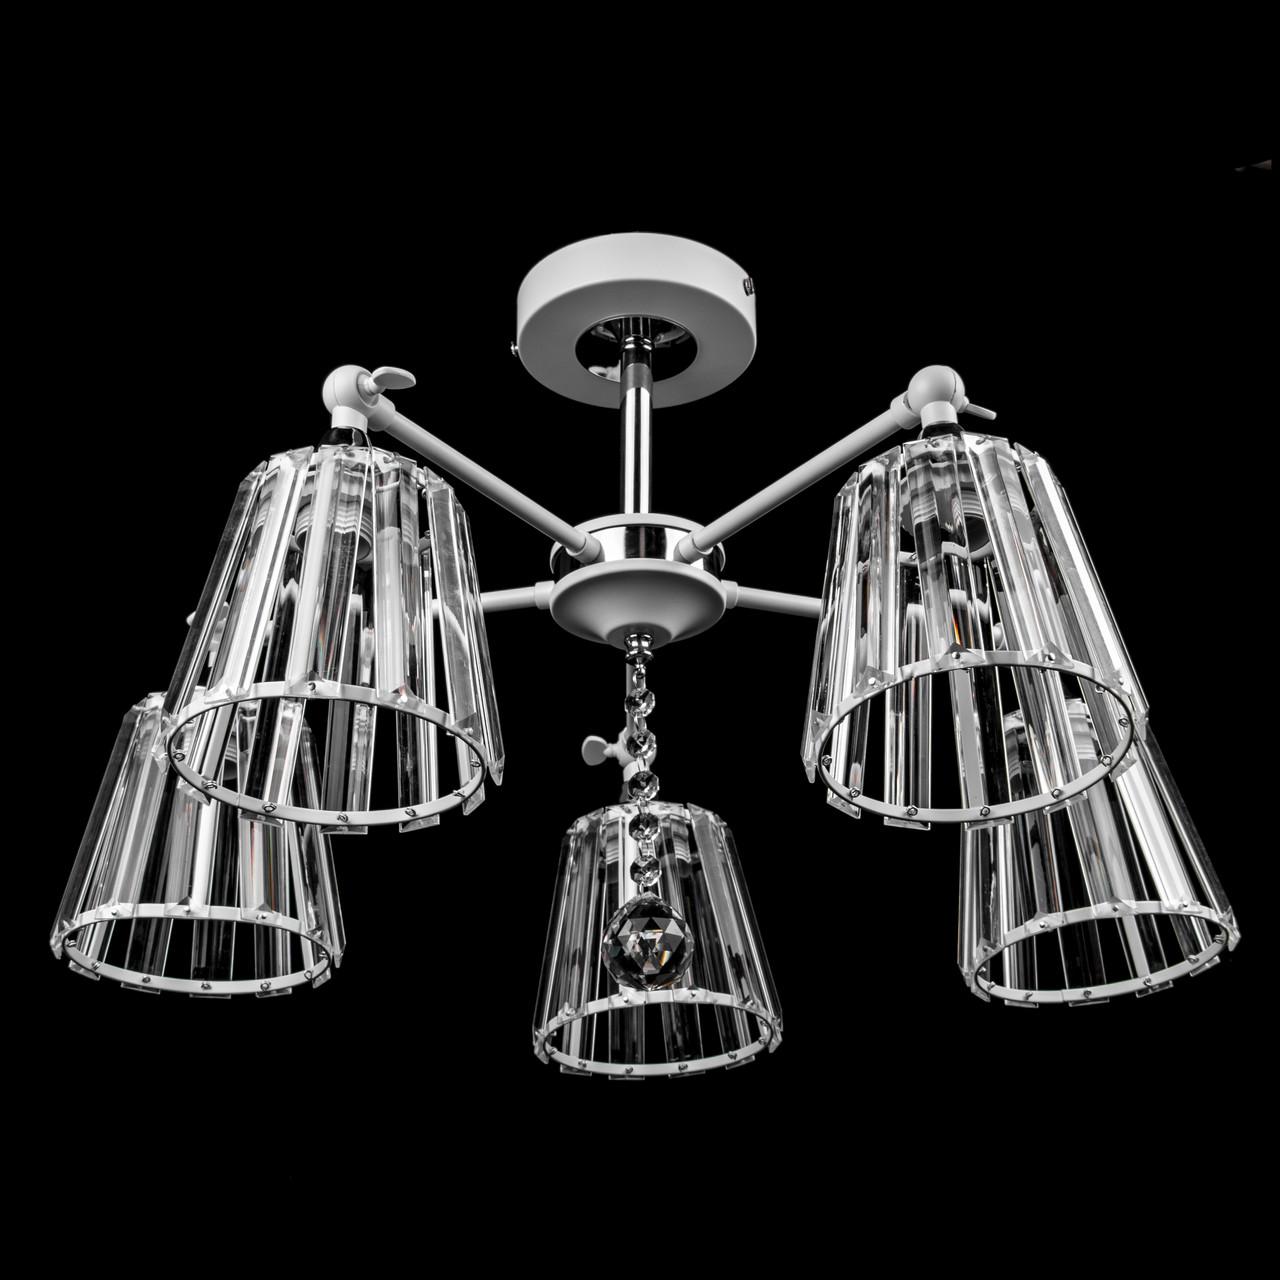 Люстра в стиле лофт на 5 лампочек P5-N3597/5/WT+CH